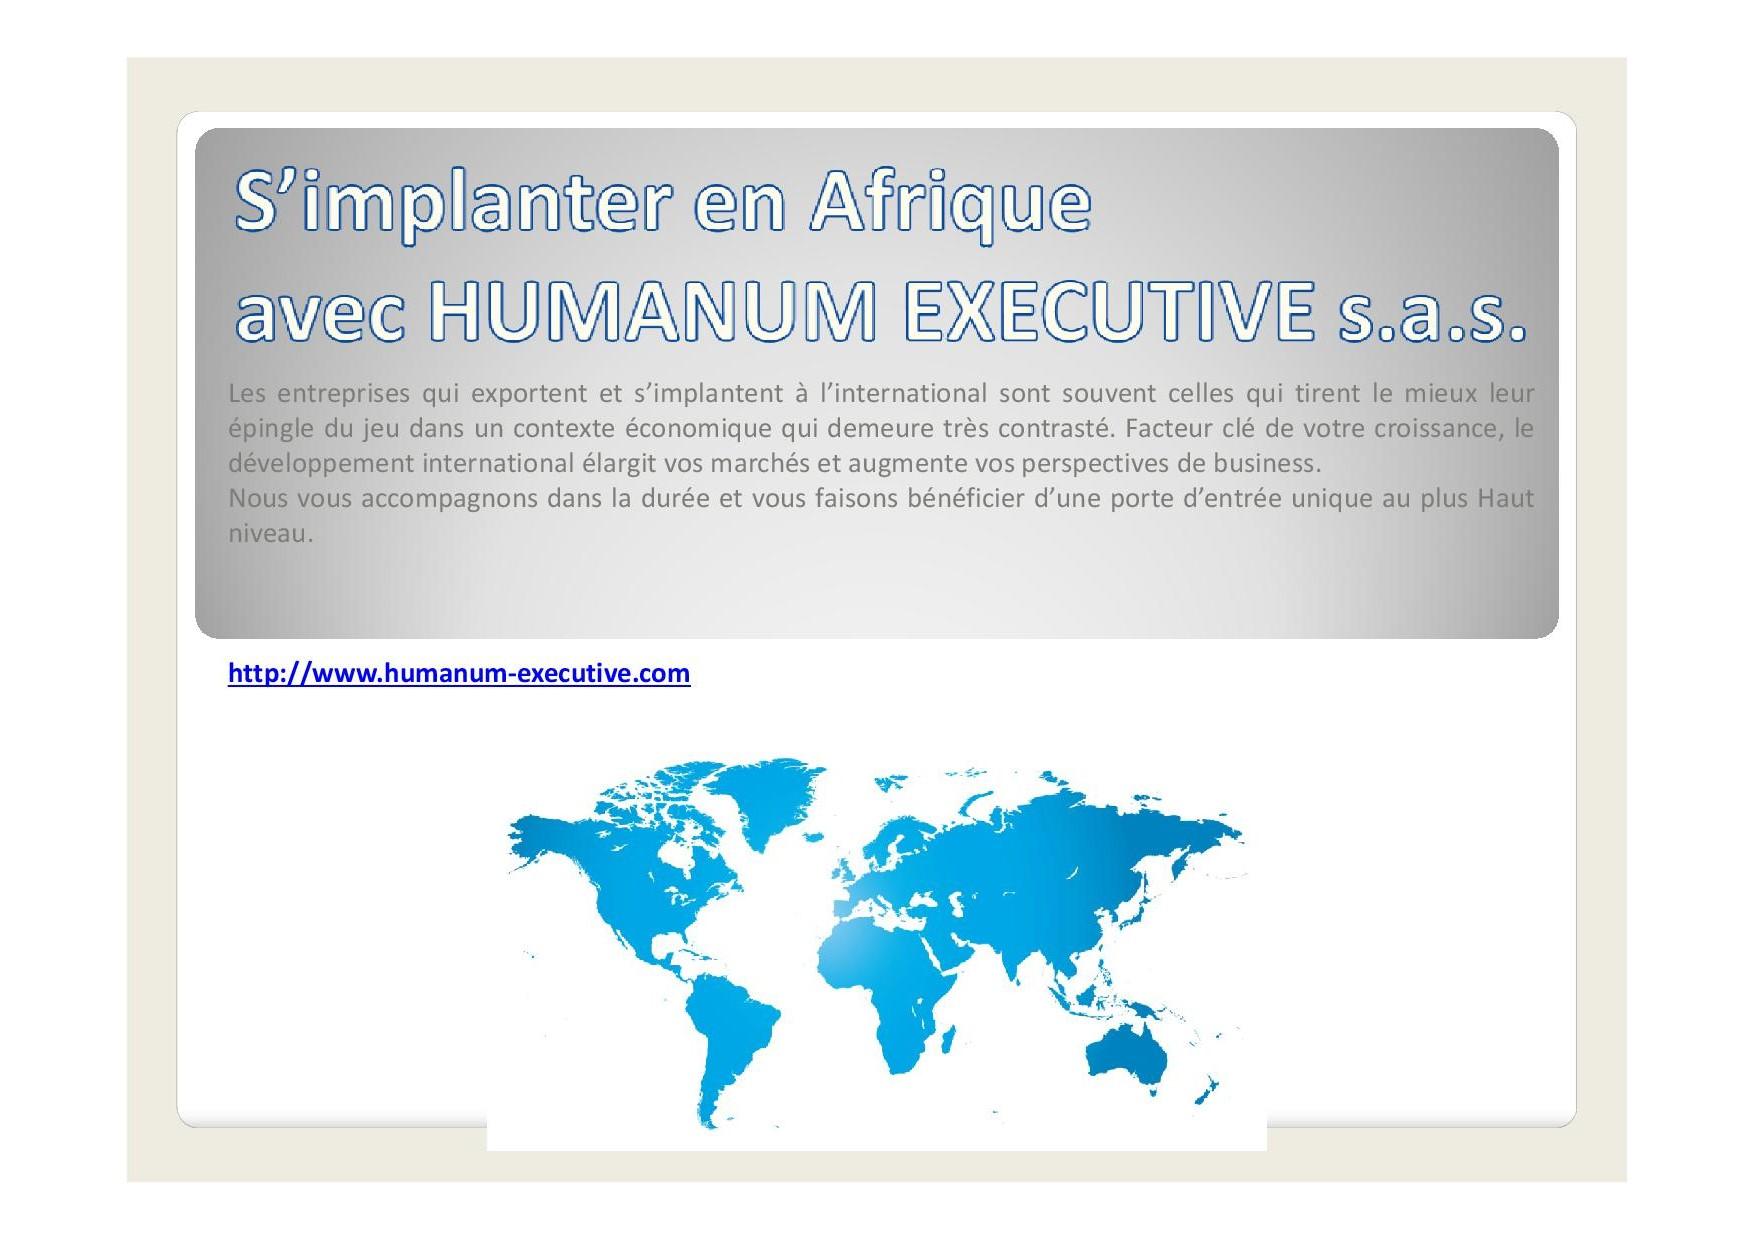 S'implanter en Afrique avec Humanum Executive s.a.s